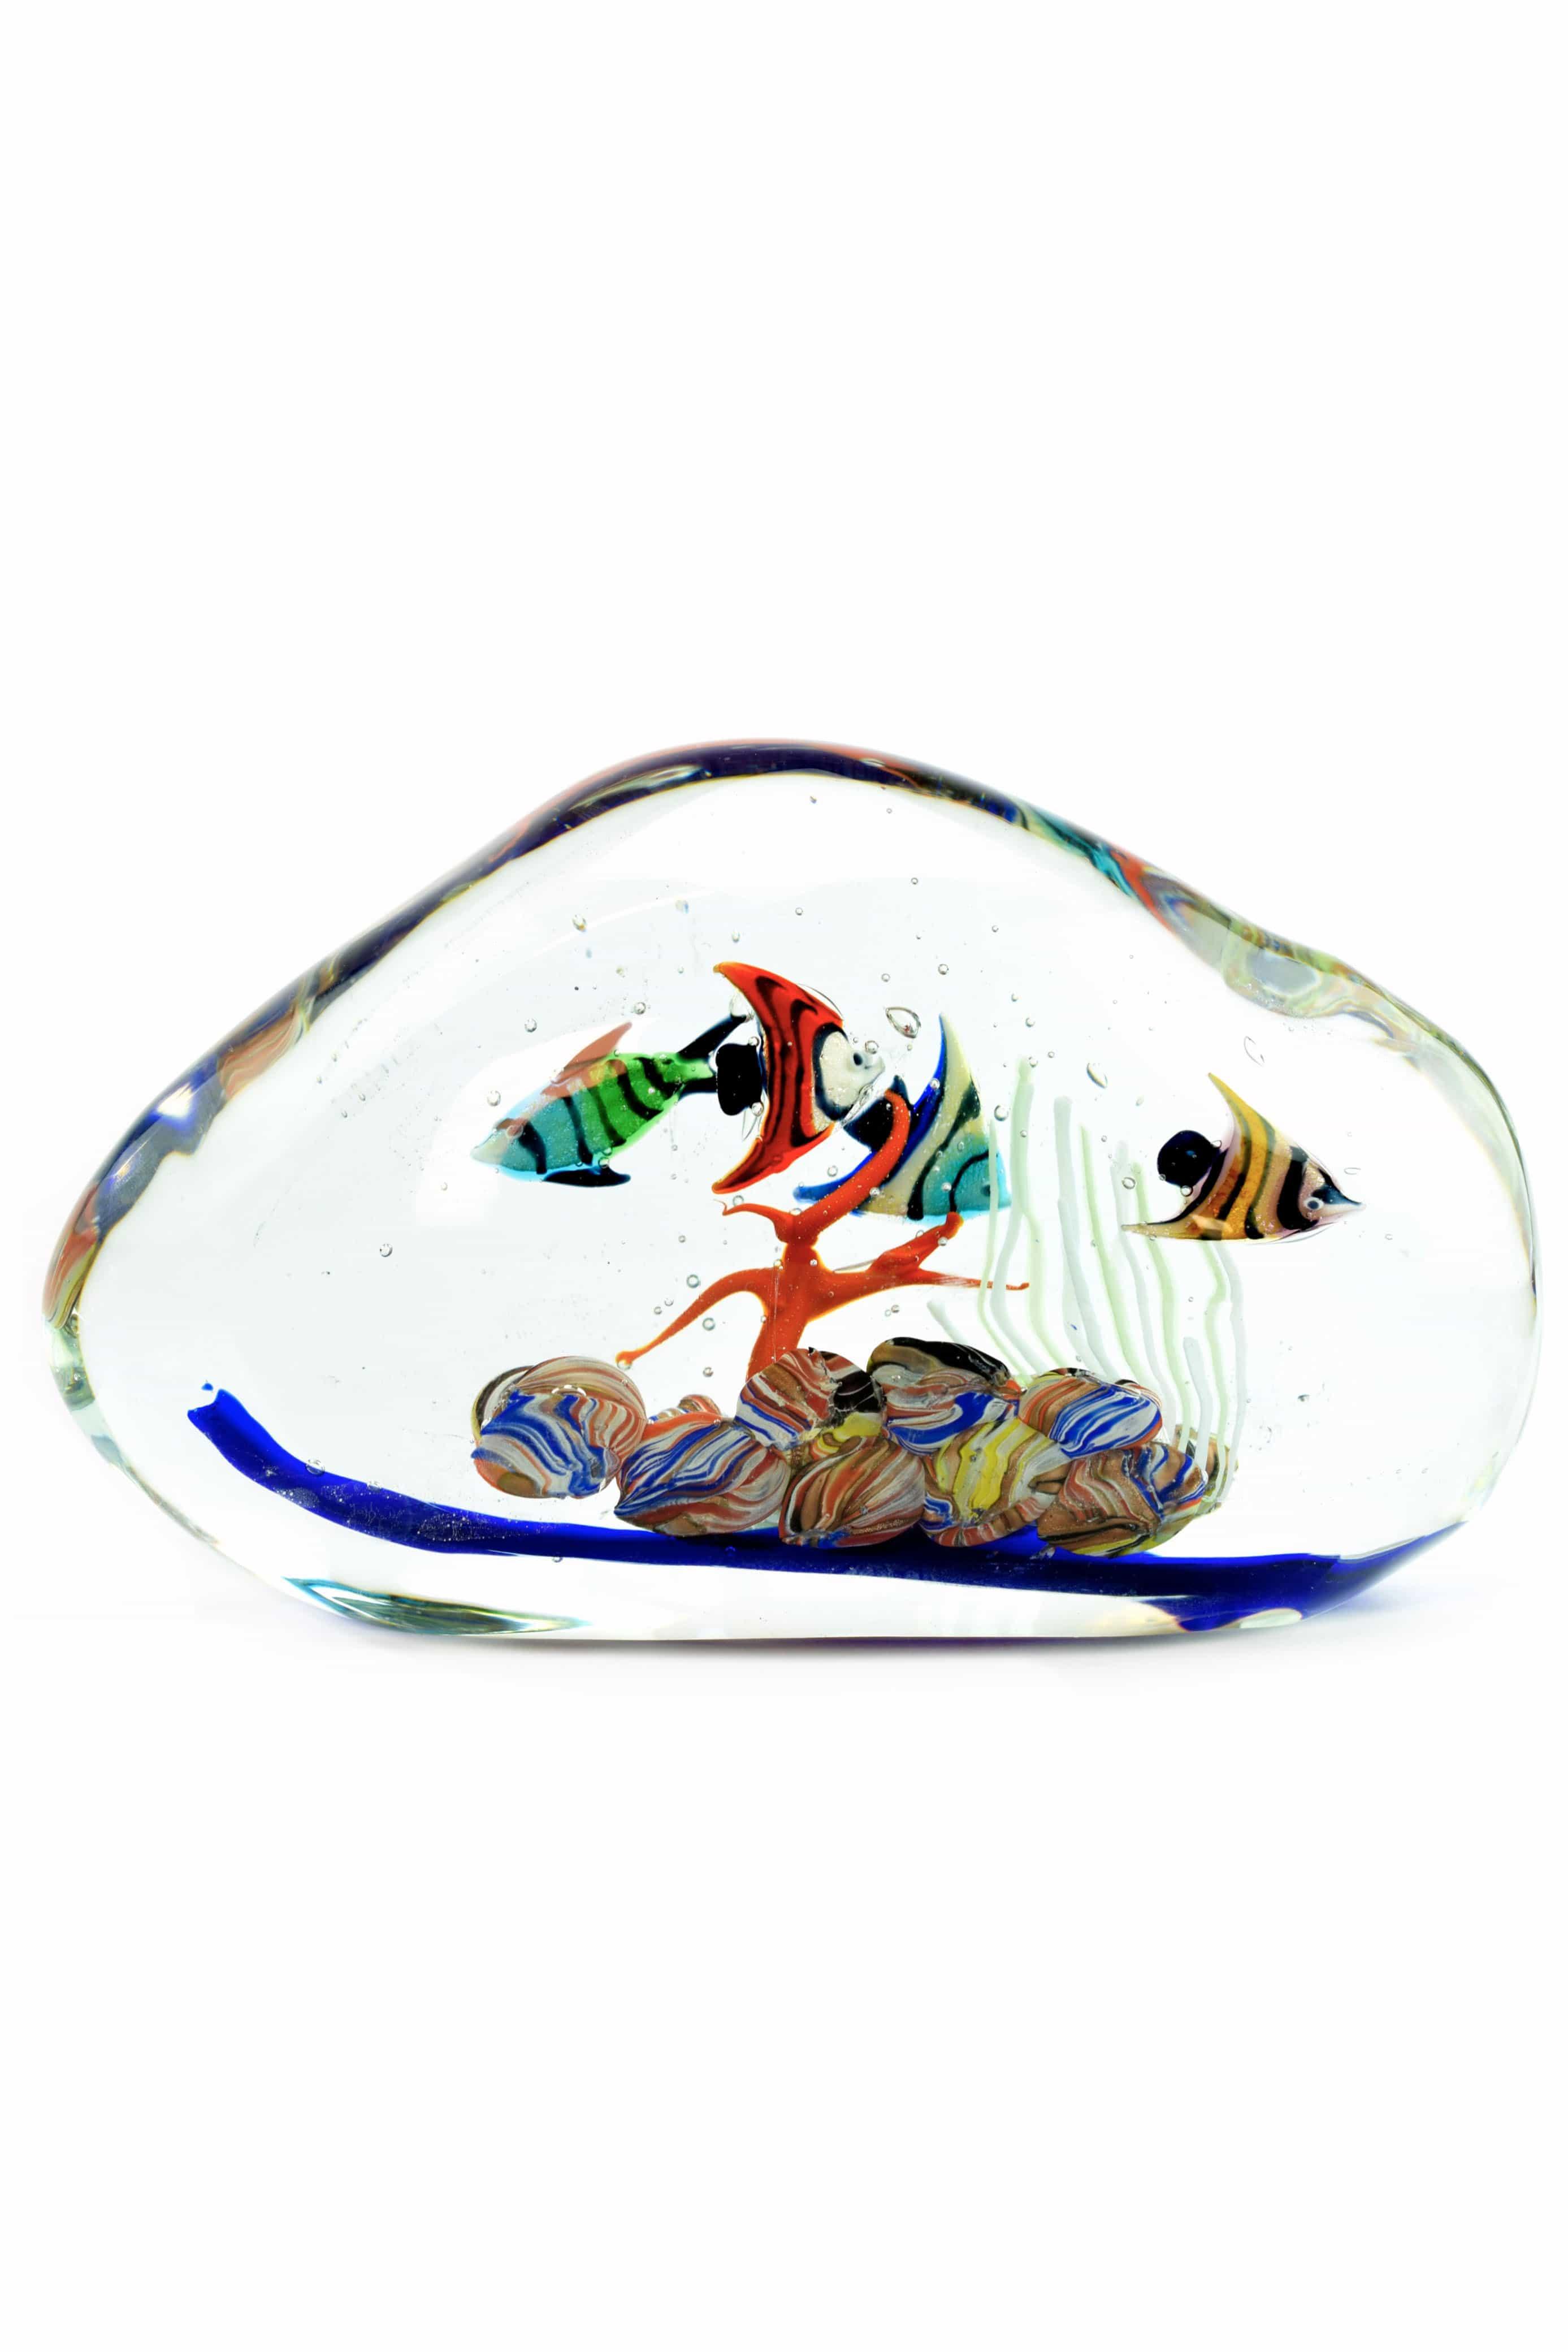 acquario in vetro di murano firmato